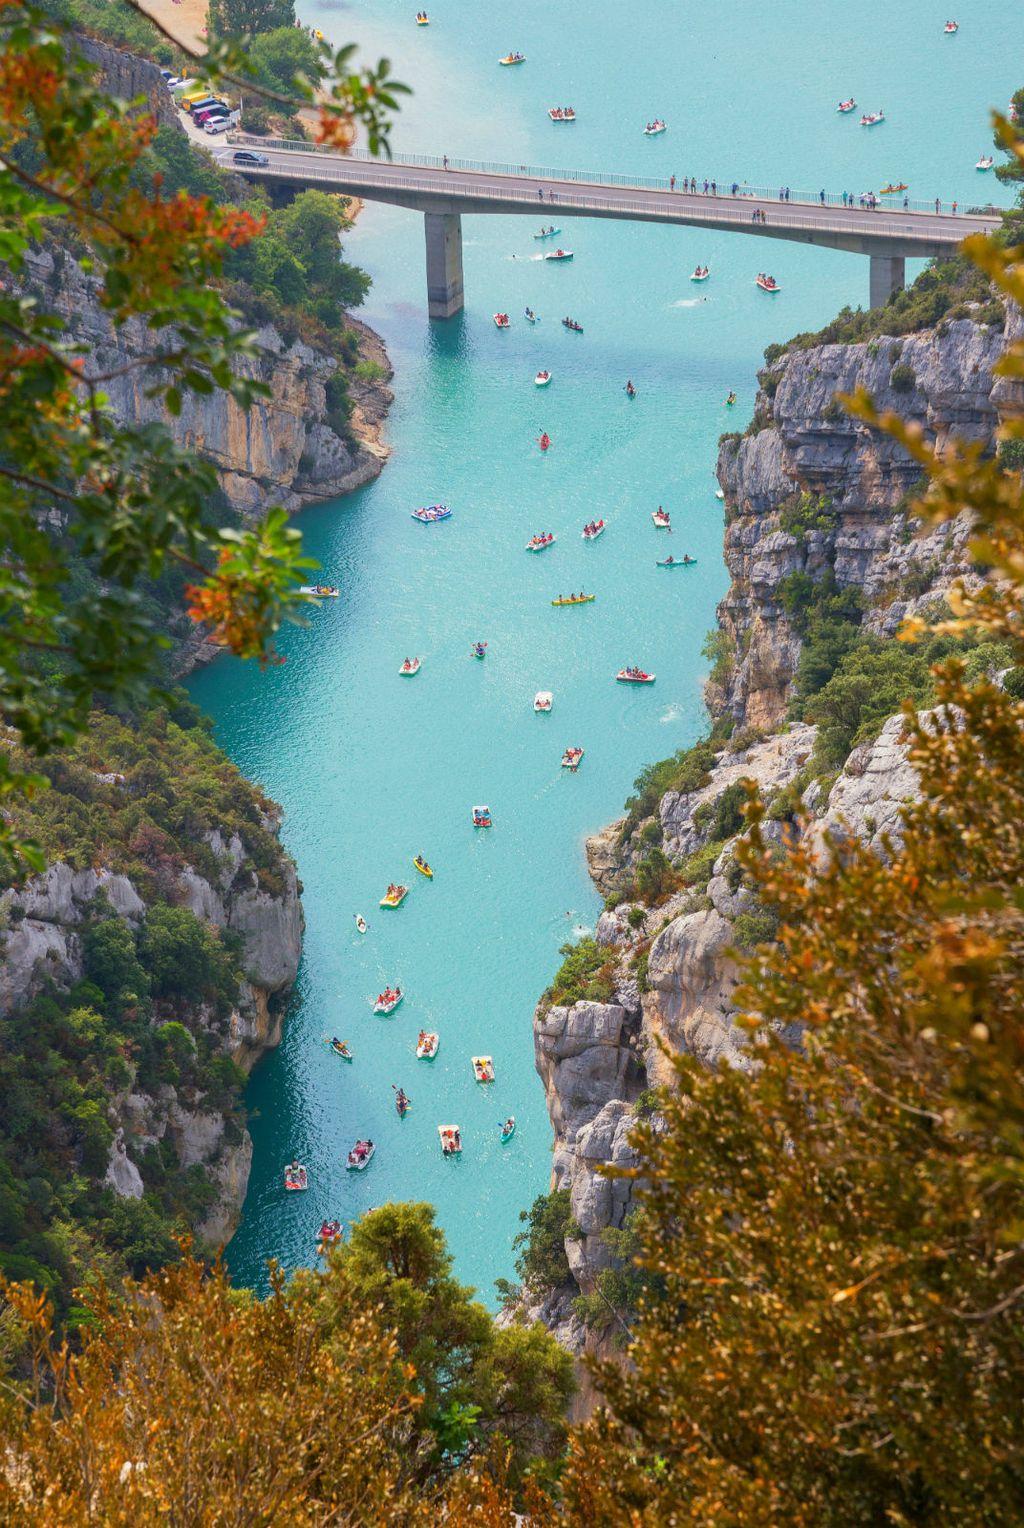 Prekrasna rijeka Verdon okružena vapnenačkim stijenama